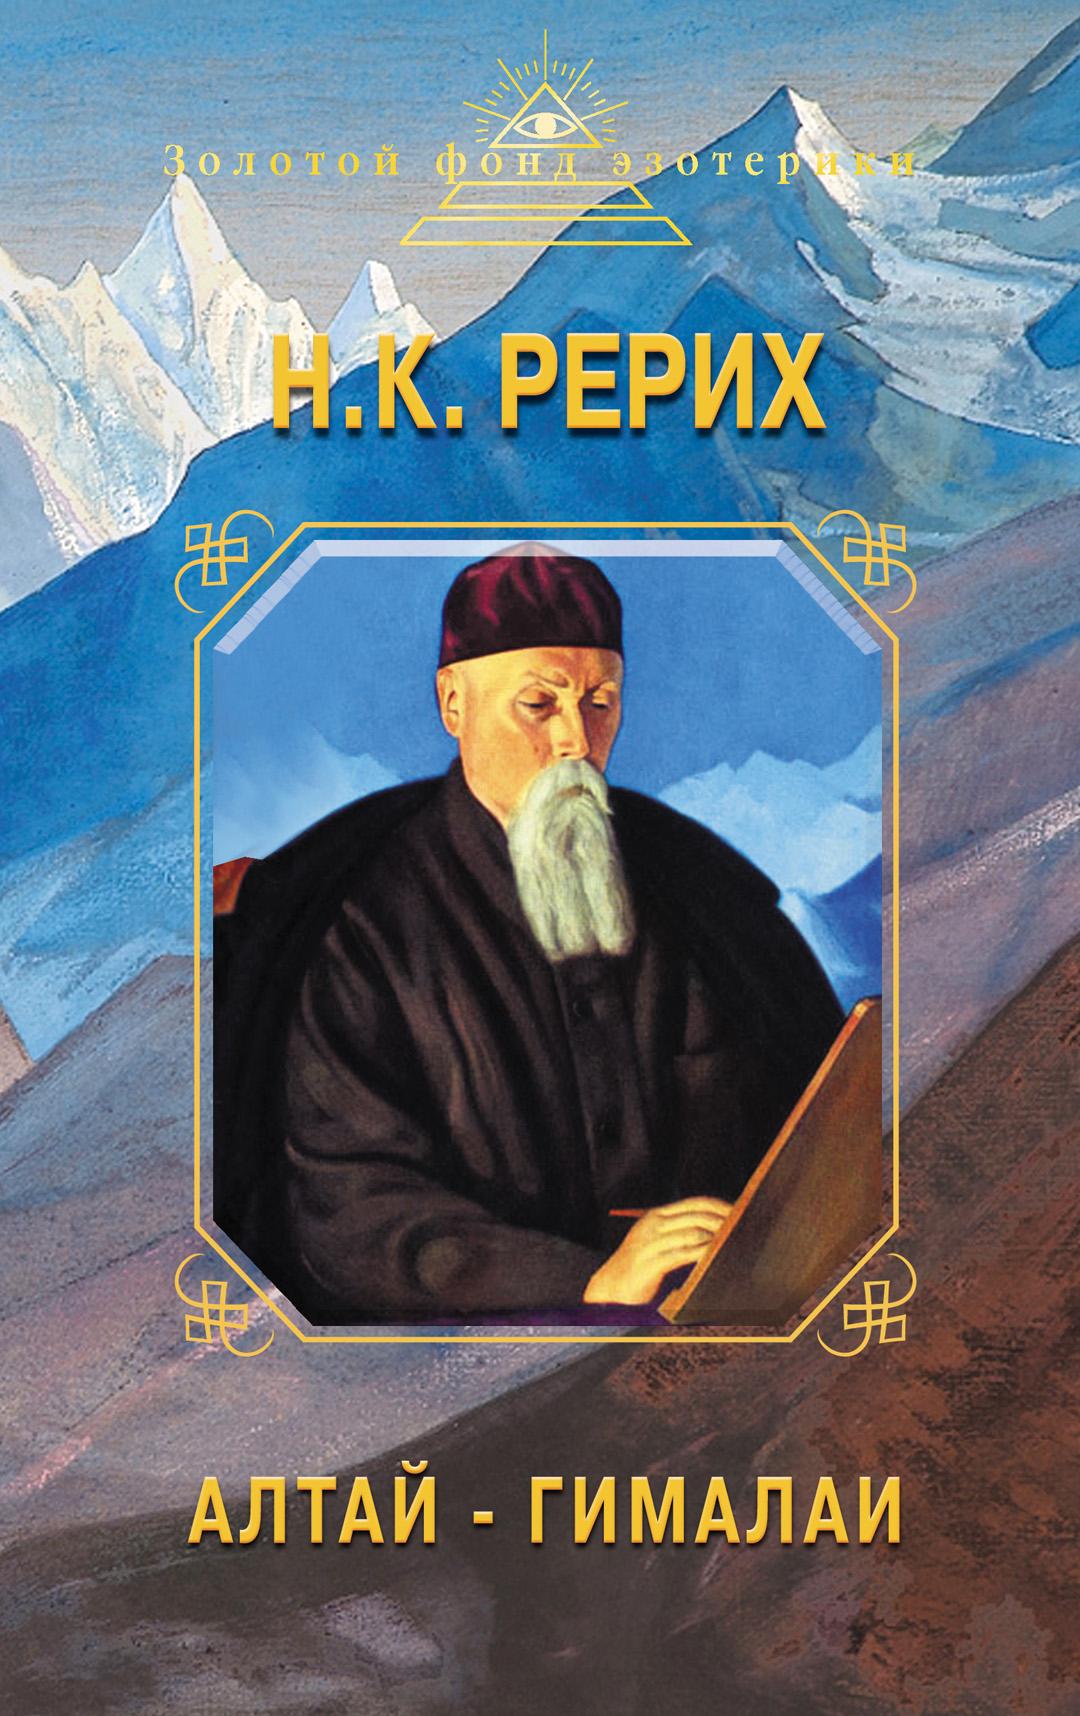 Алтай – Гималаи. Дневники. Статьи